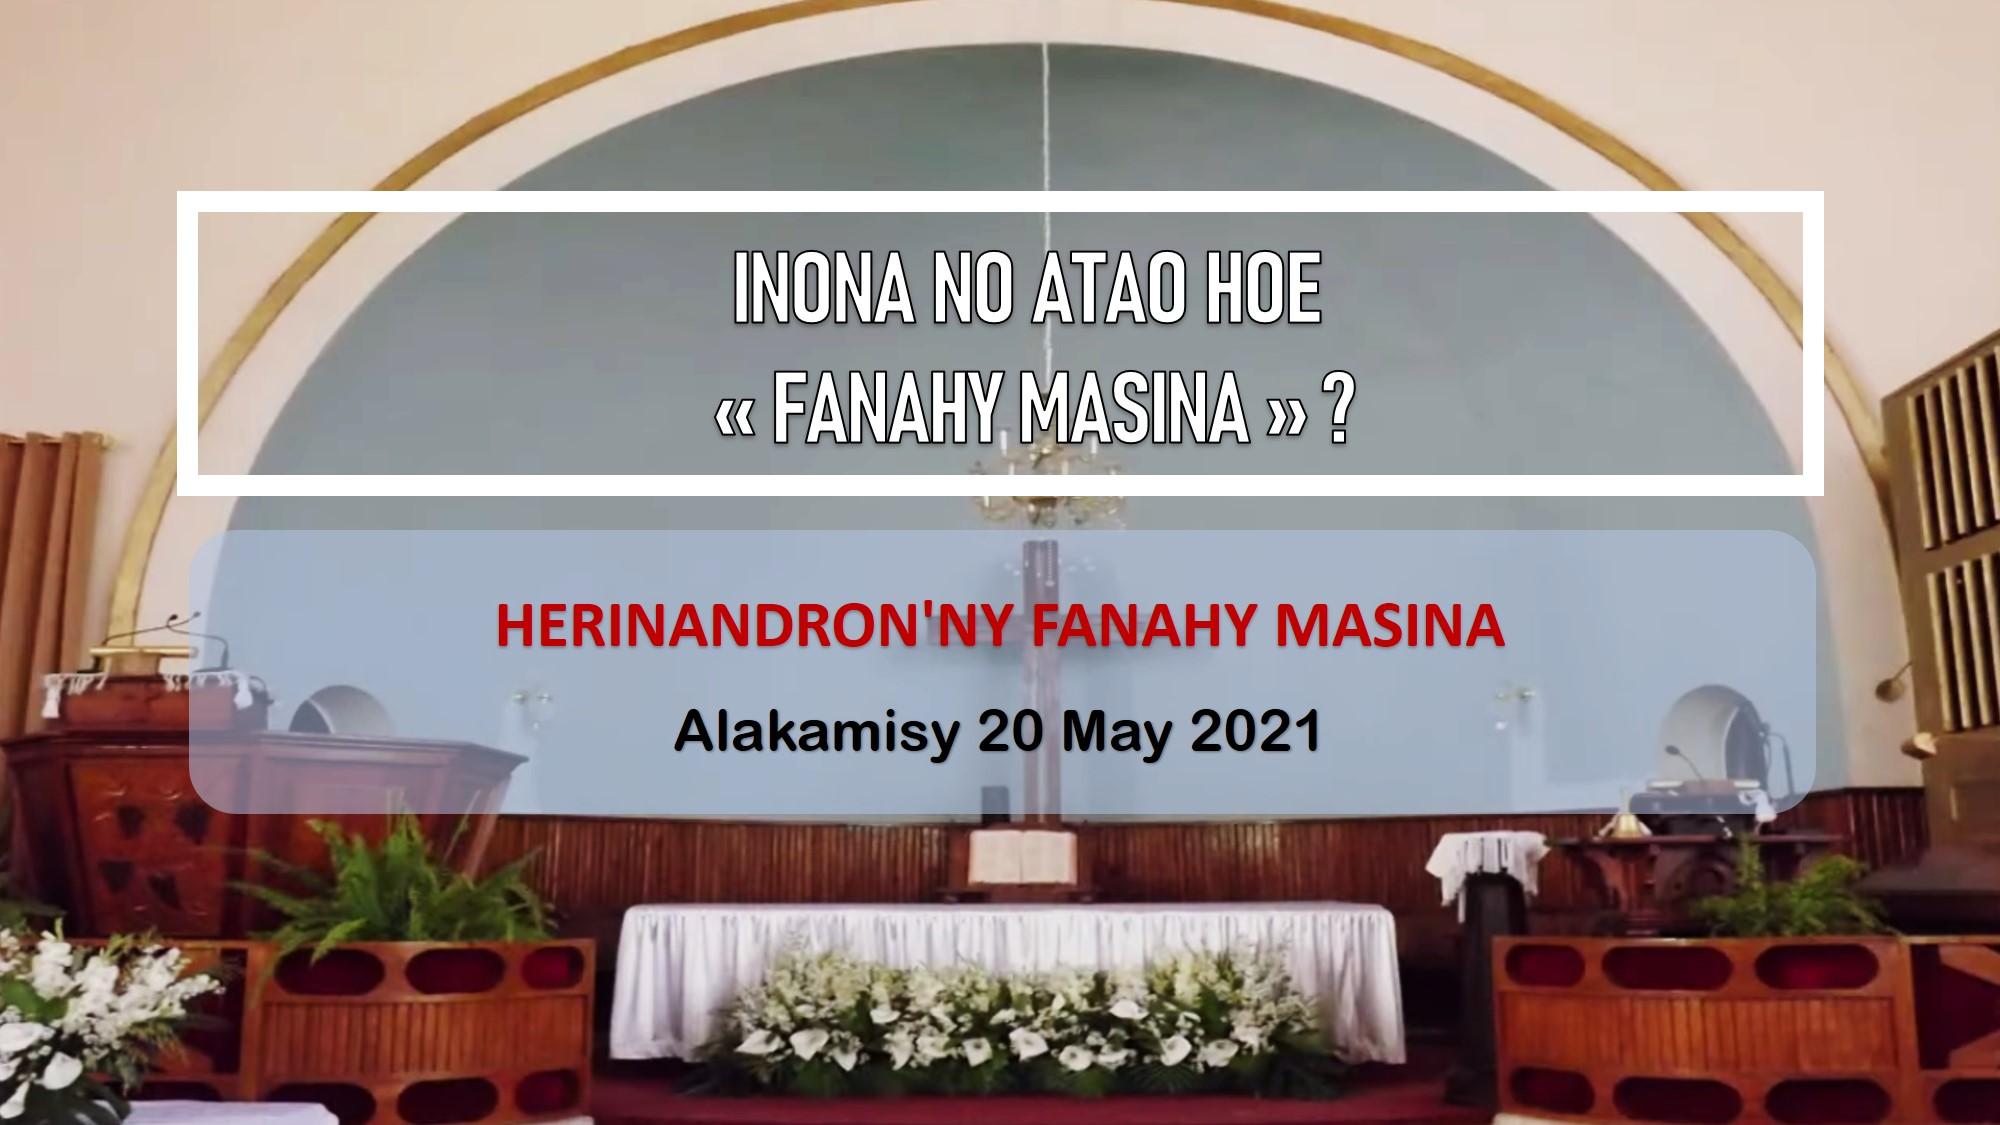 """INONA NO ATAO HOE : """"FANAHY MASINA"""" ?"""